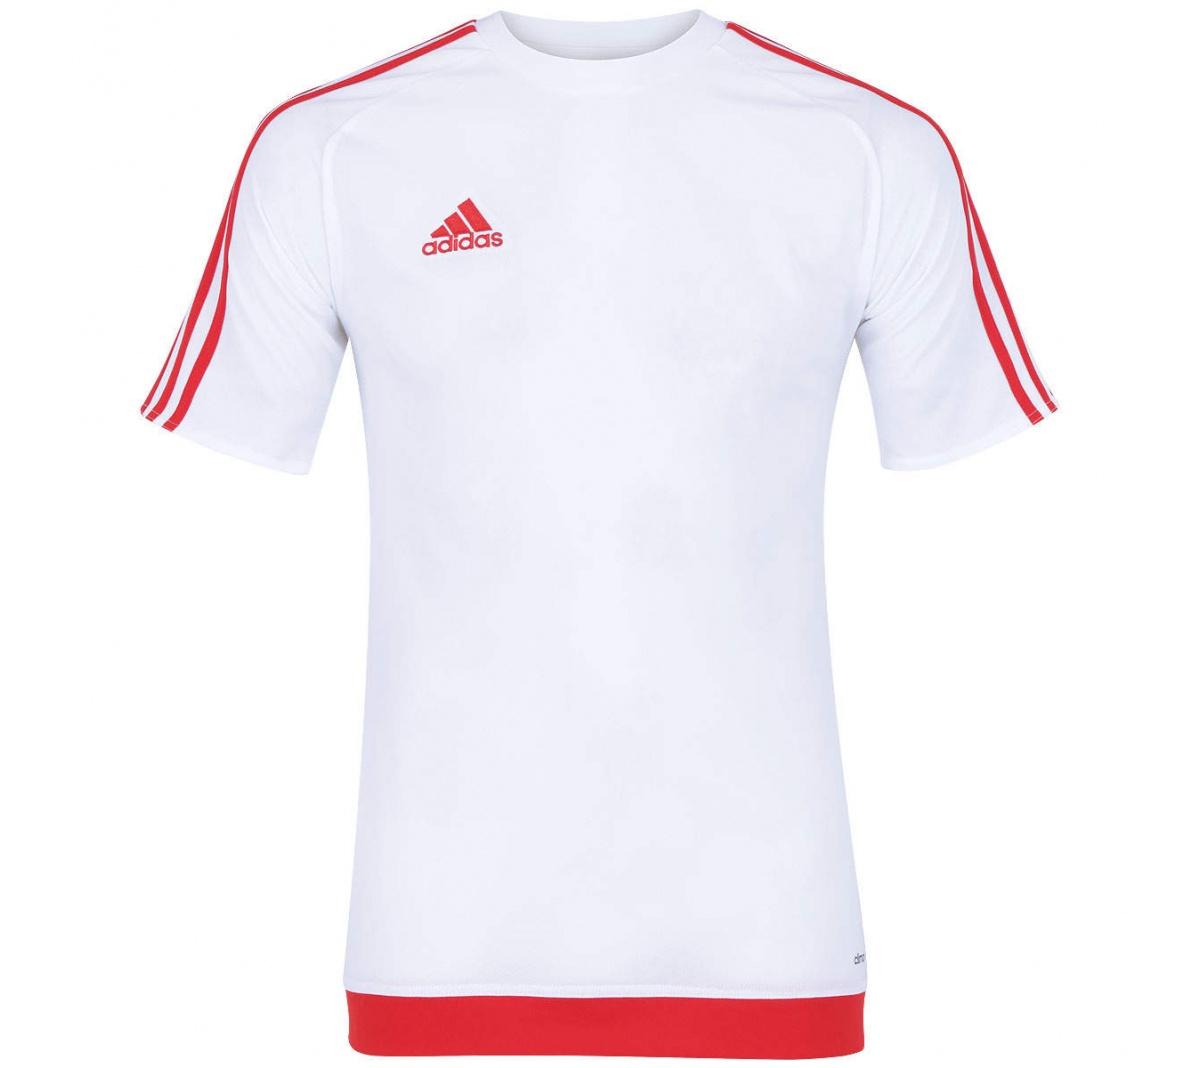 599cd62570440f  Camisa Adidas Estro 15 Branco Vermelho - Mundo do Futebol  79e8dfb77b919d ... 6a417ab1405df